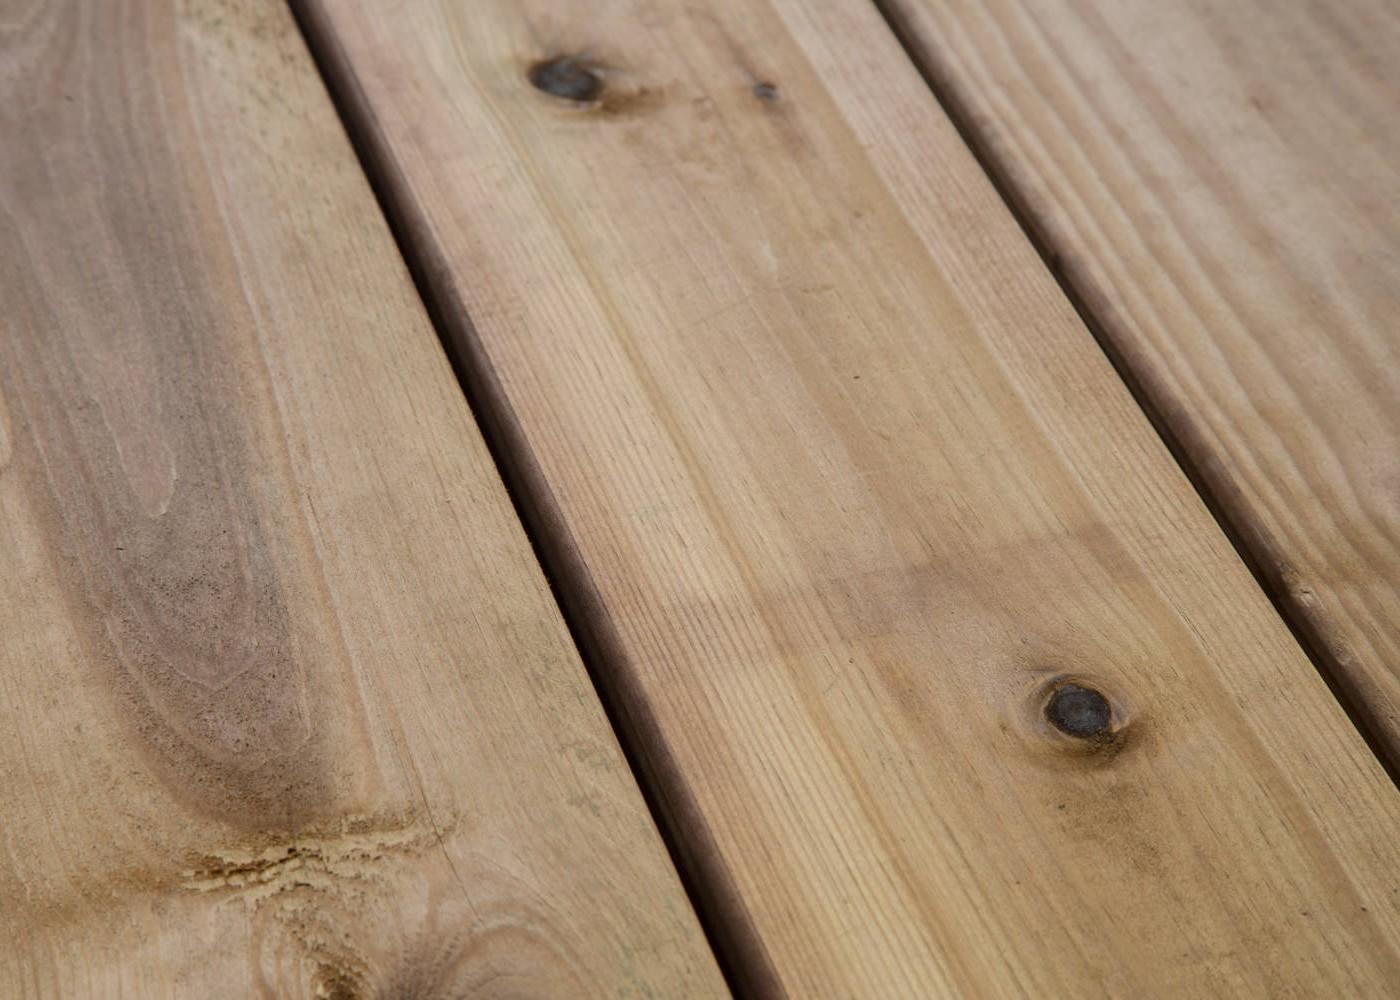 Traitement Terrasse Pin Autoclave lame de terrasse pin traité marron 27 x 145 mm - 2 faces lisses